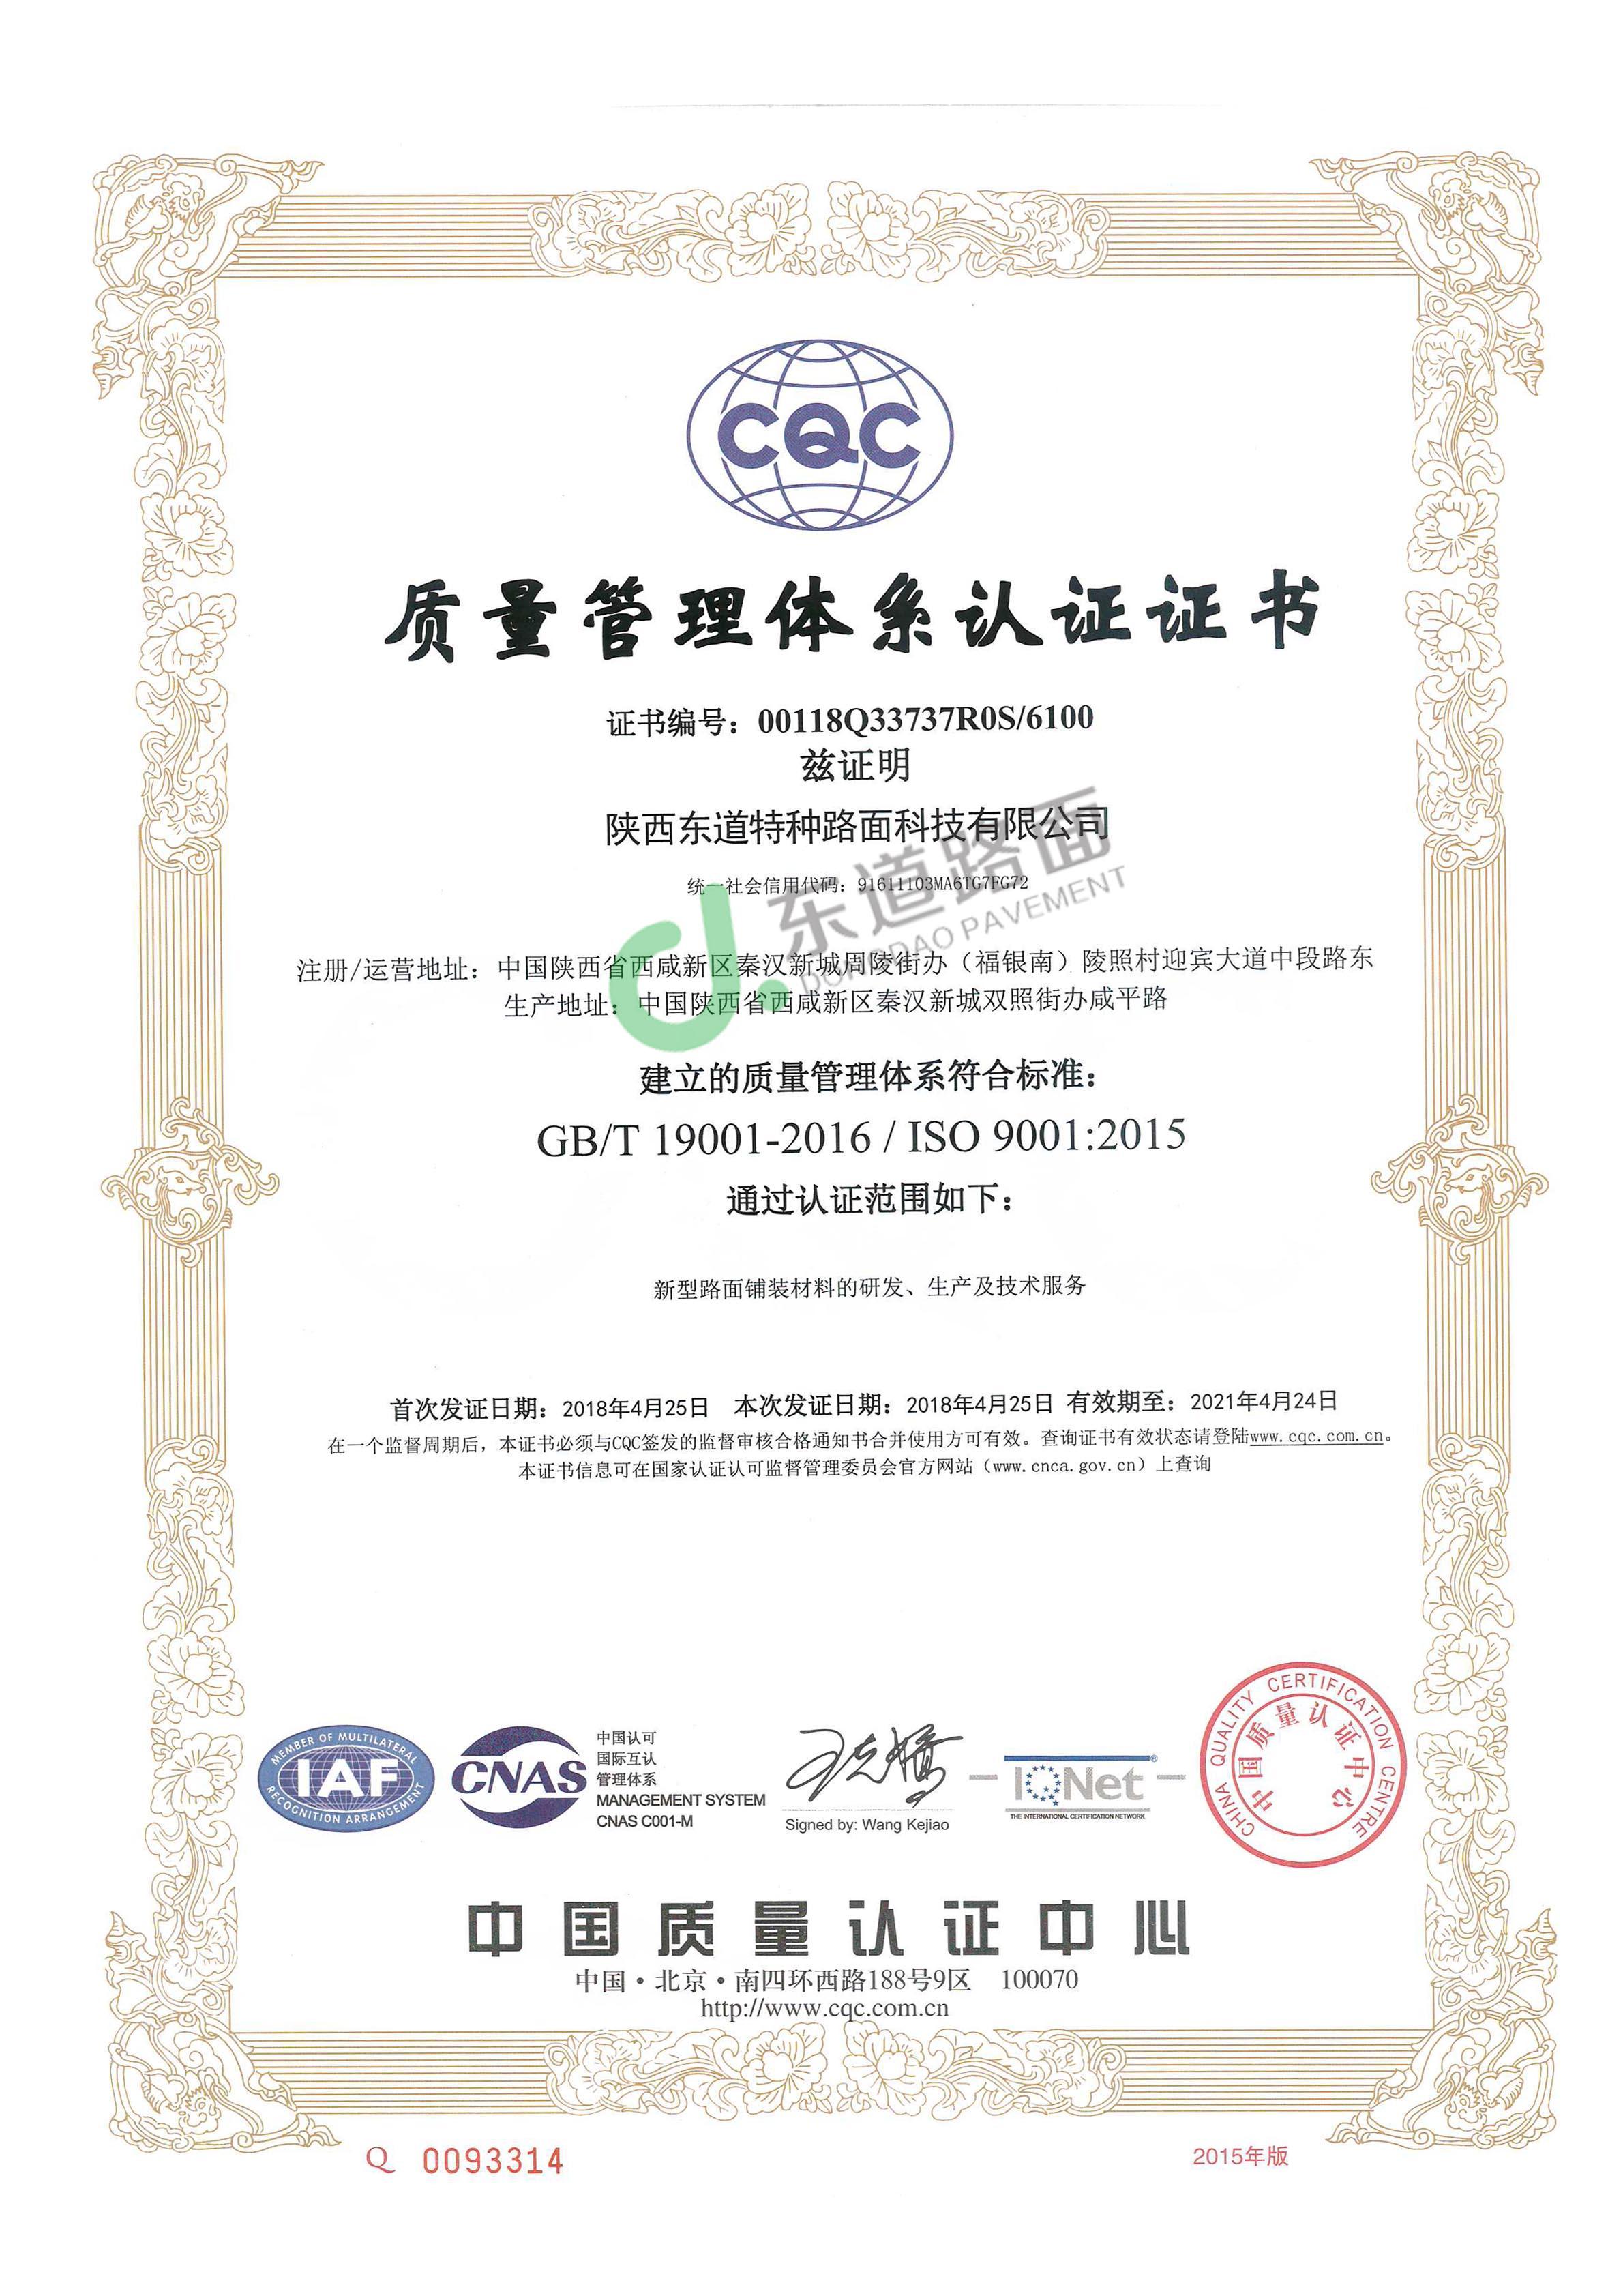 祝贺东道公司通过ISO9001:2015质量管理体系认证